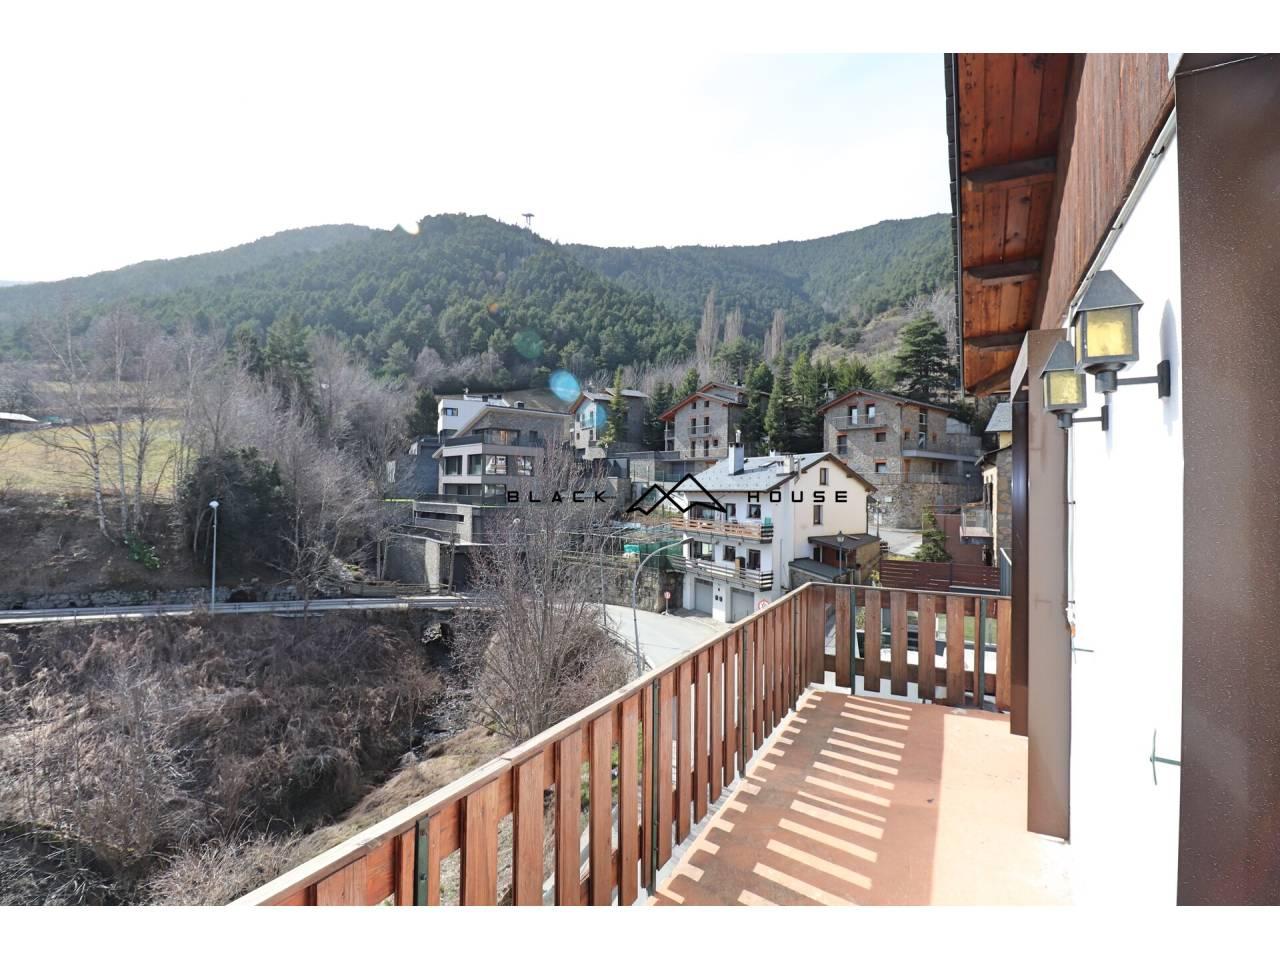 Casa a la venda en estupenda i assolellada zona d'Escàs, a La Massana.